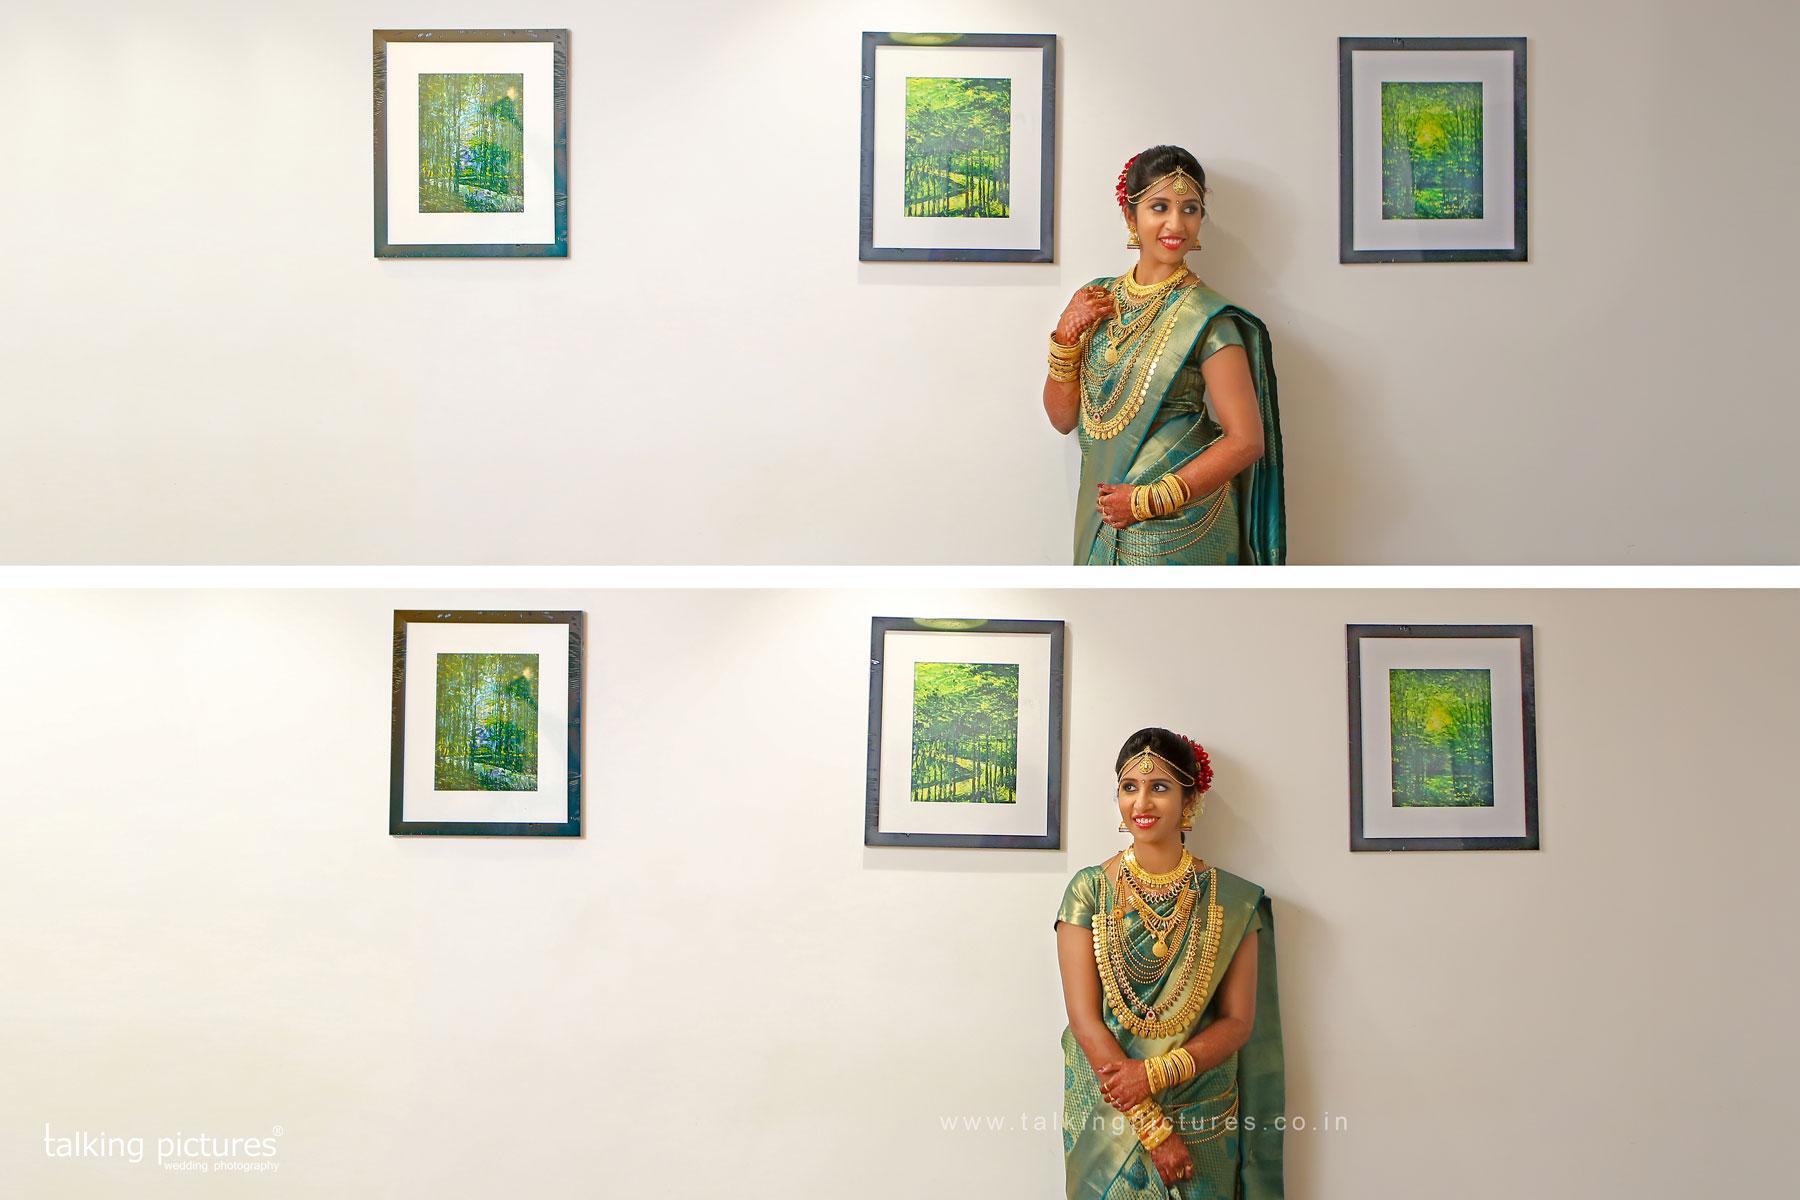 Photo Editing Kerala